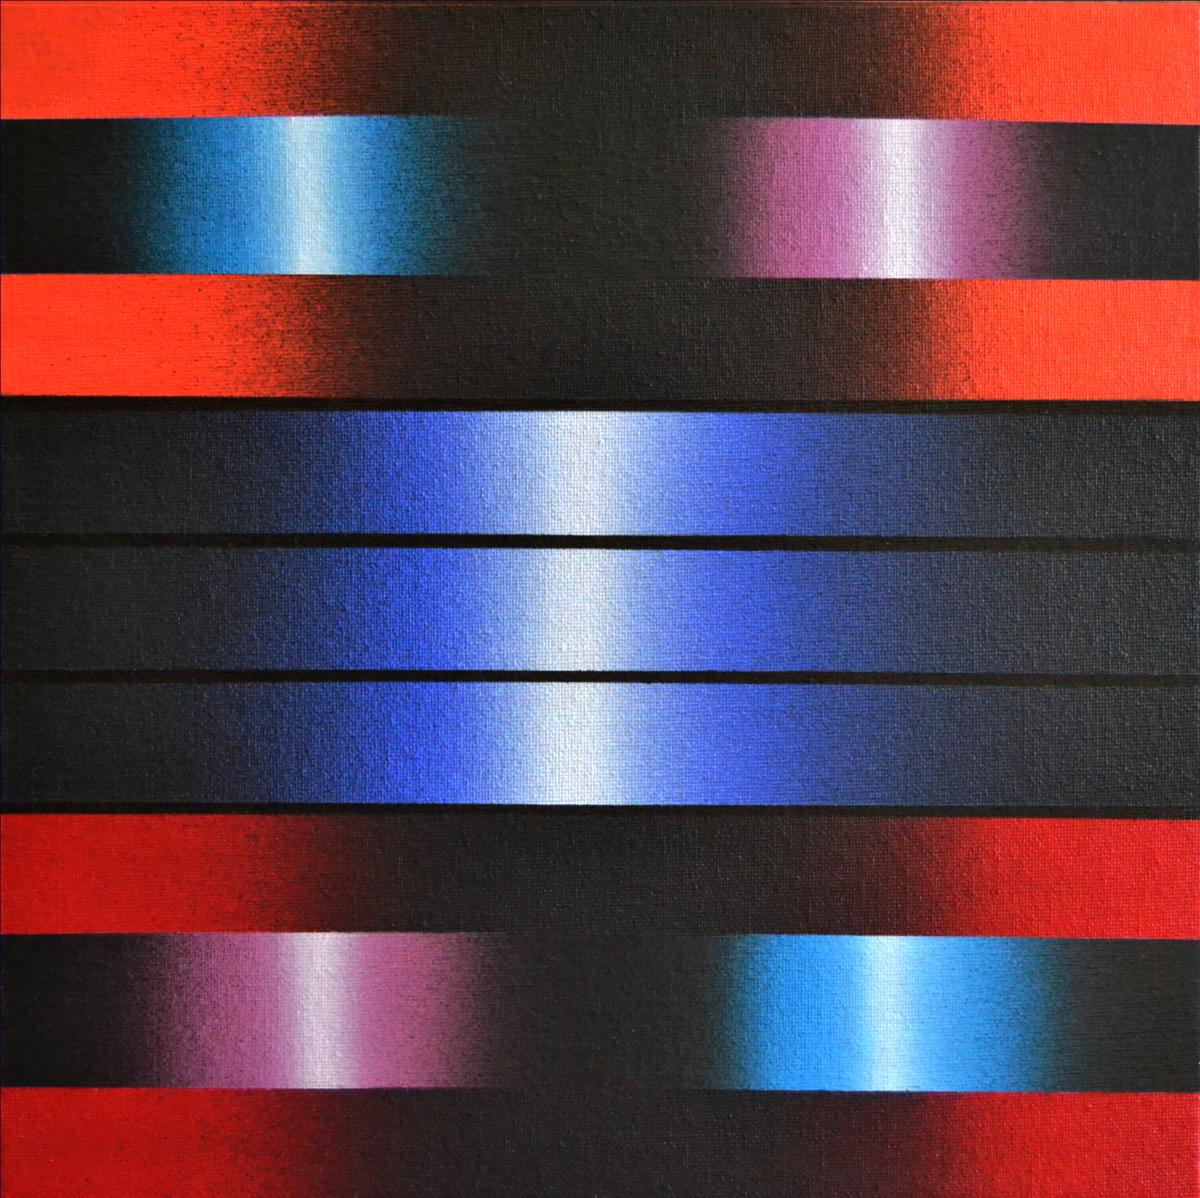 Arturo Carrión - khroma-induccion